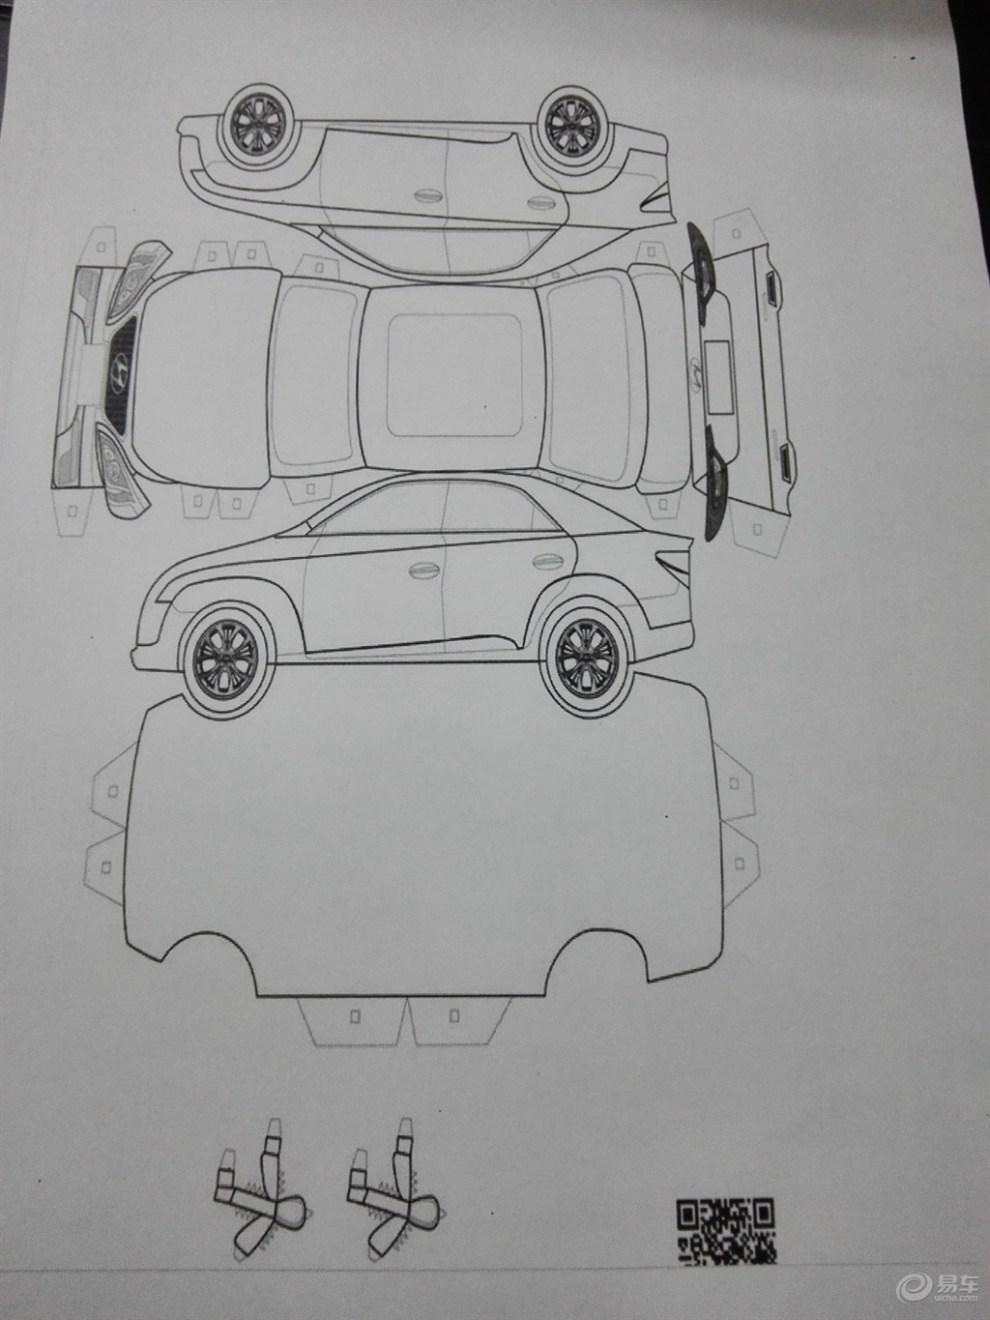 【【折纸车模】第九代索纳塔 3d立体折纸】_画汽车